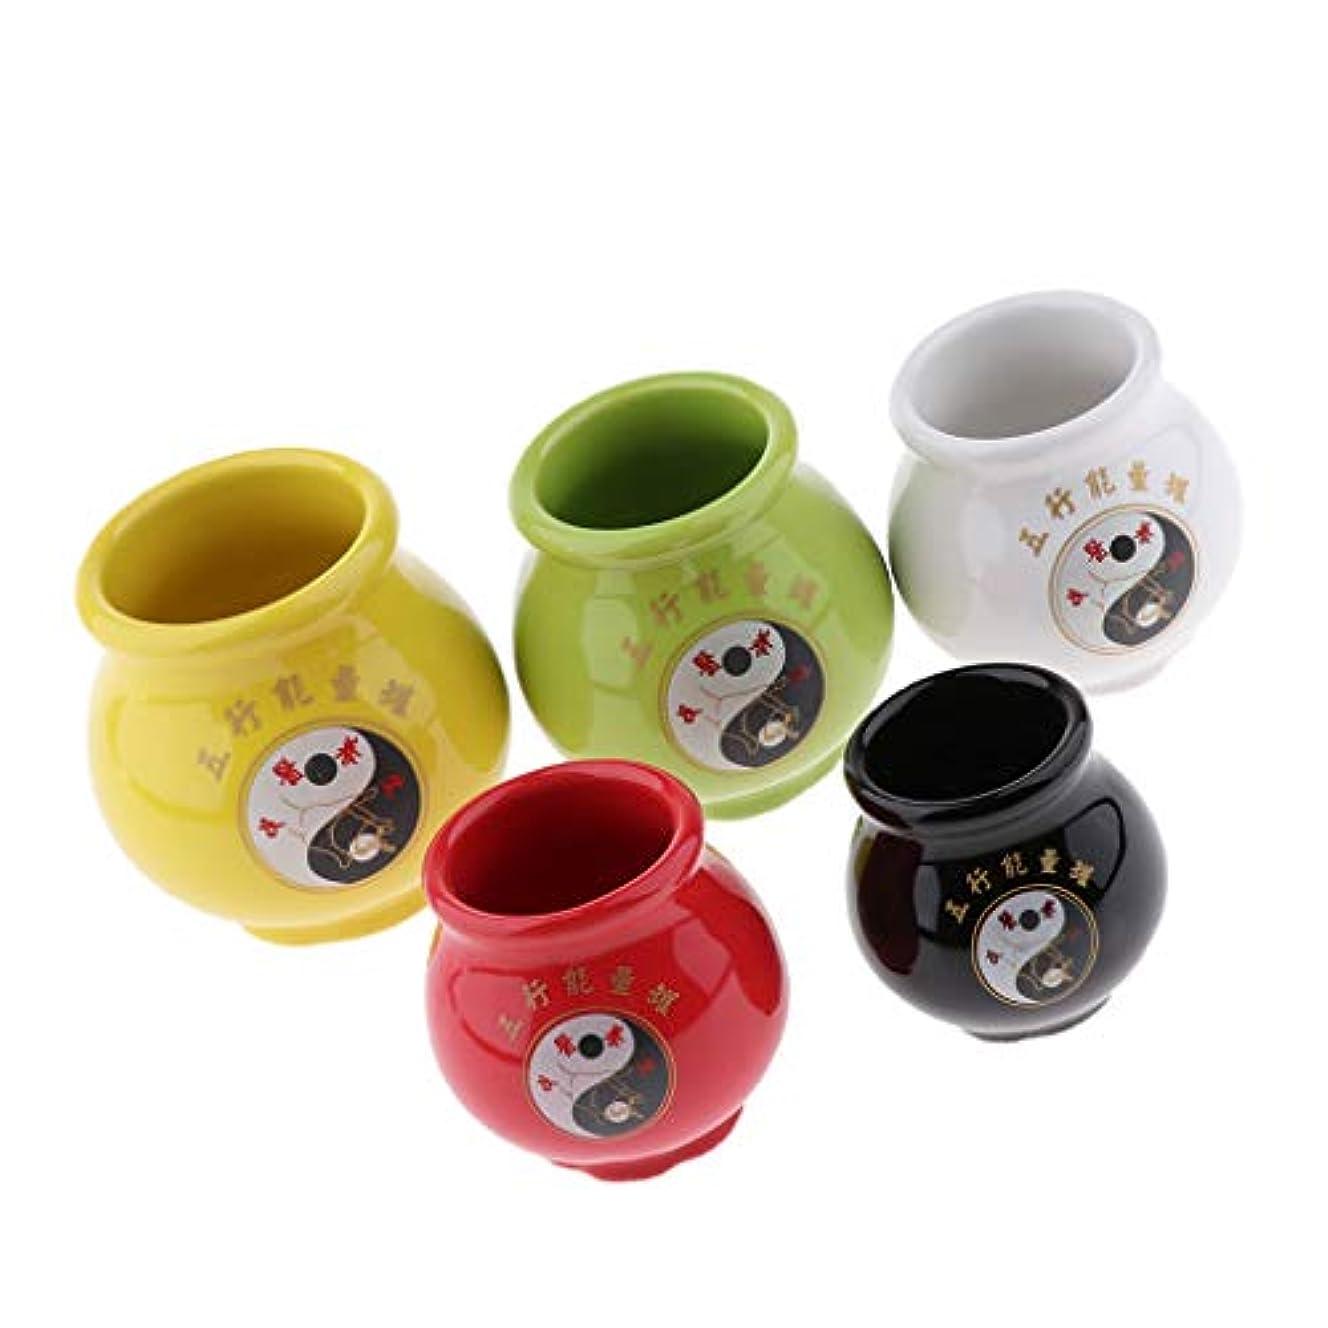 確実阻害する凝縮する5個 吸い玉カップ カッピングカップ セラミック製カッピング 真空 健康ケア 男女兼用 実用的